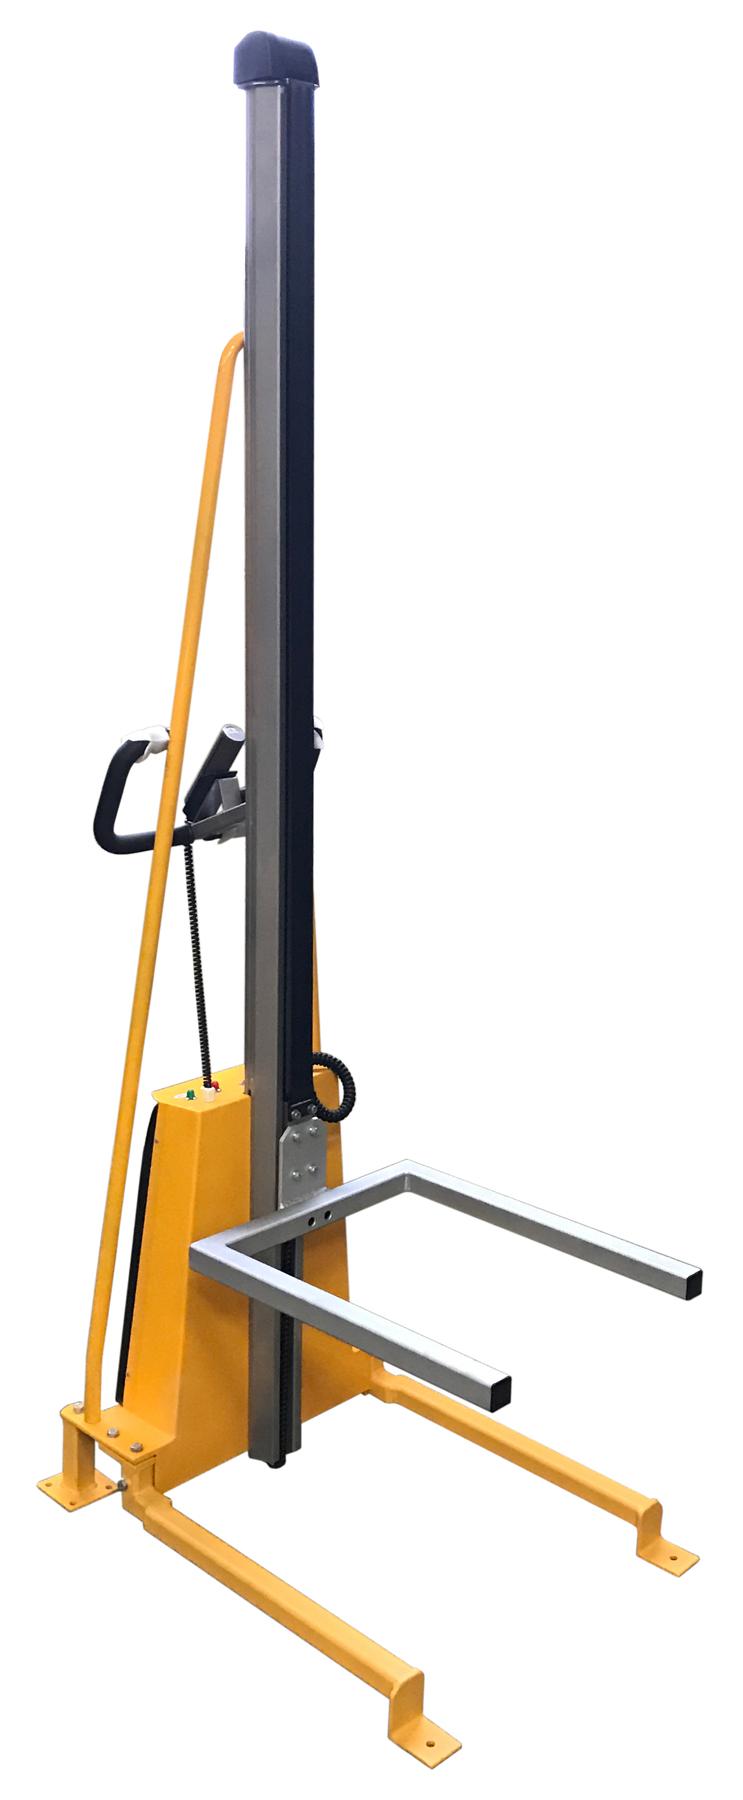 Elektro-Lifter im stationären Einsatz mit 2 Metern Hubhöhe #4597